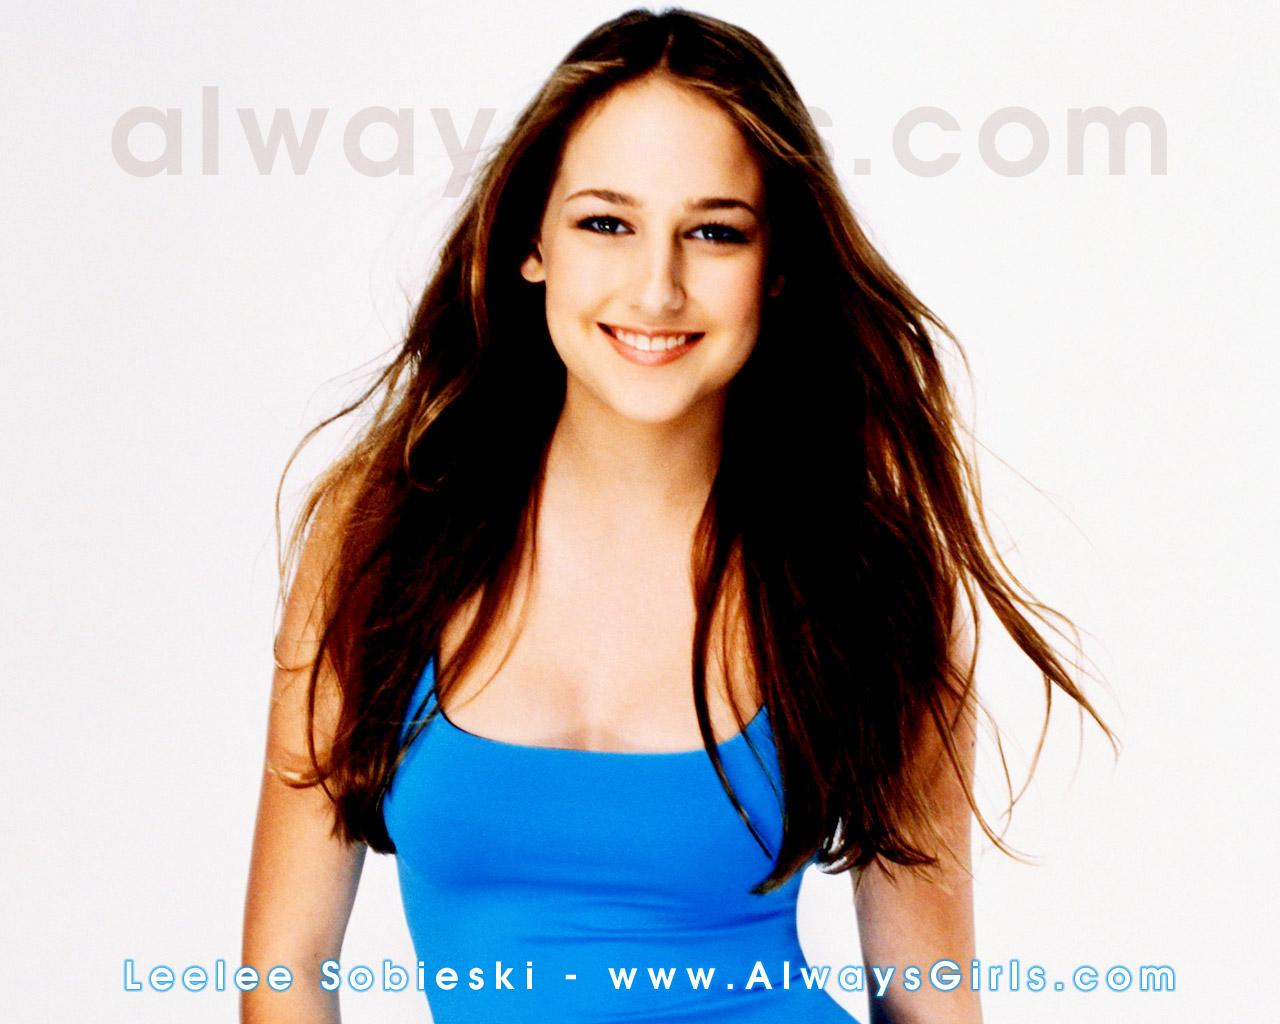 http://images.fanpop.com/images/image_uploads/Leelee-Sobieski-leelee-sobieski-318140_1280_1024.jpg